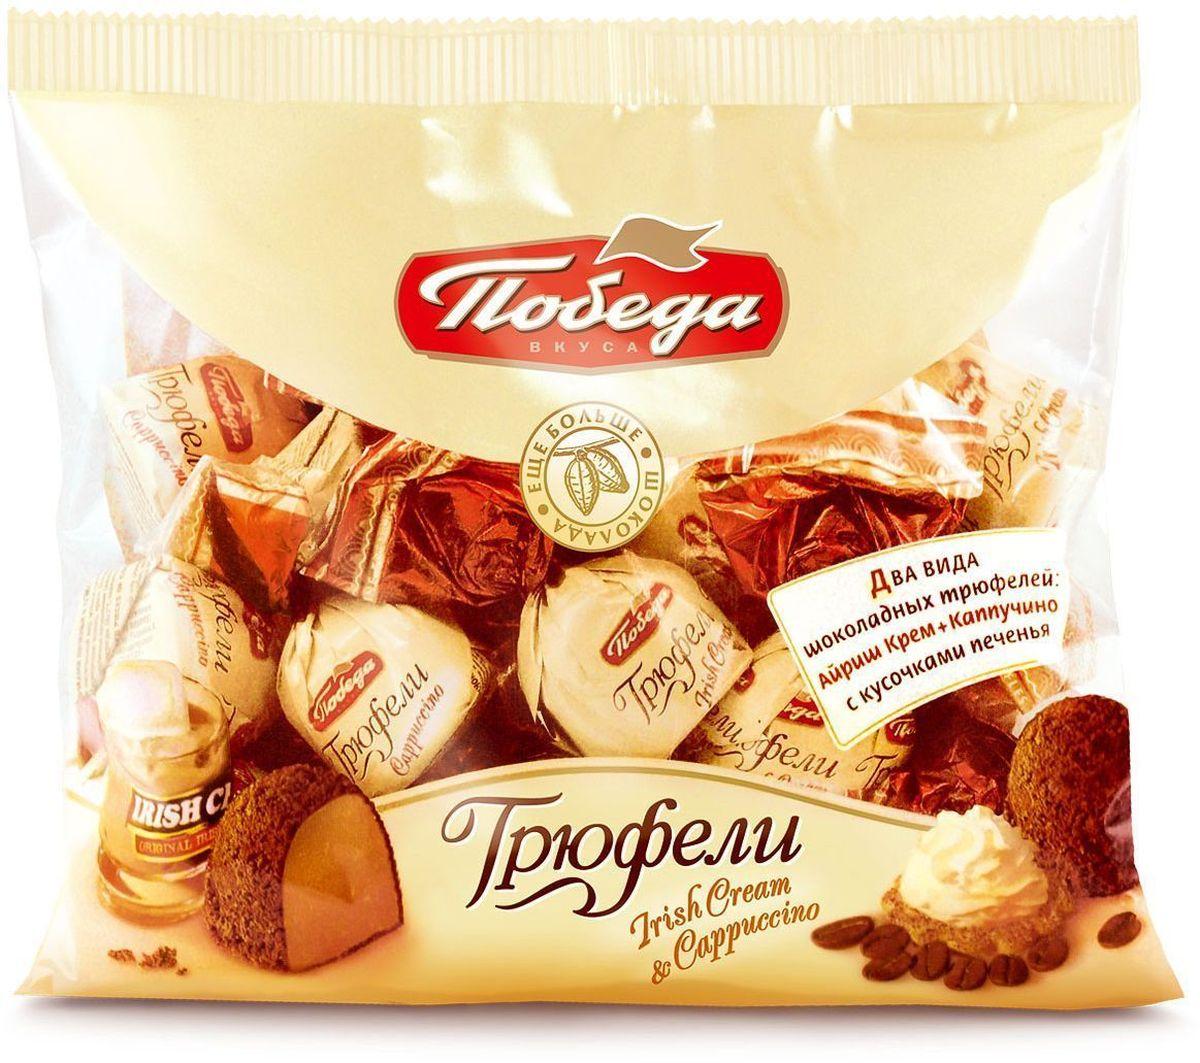 Победа вкуса Трюфели Айриш Крем + Капучино два вида шоколадных трюфелей с кусочками печенья, 250 г the belgian трюфели с кусочками апельсинов 200 г